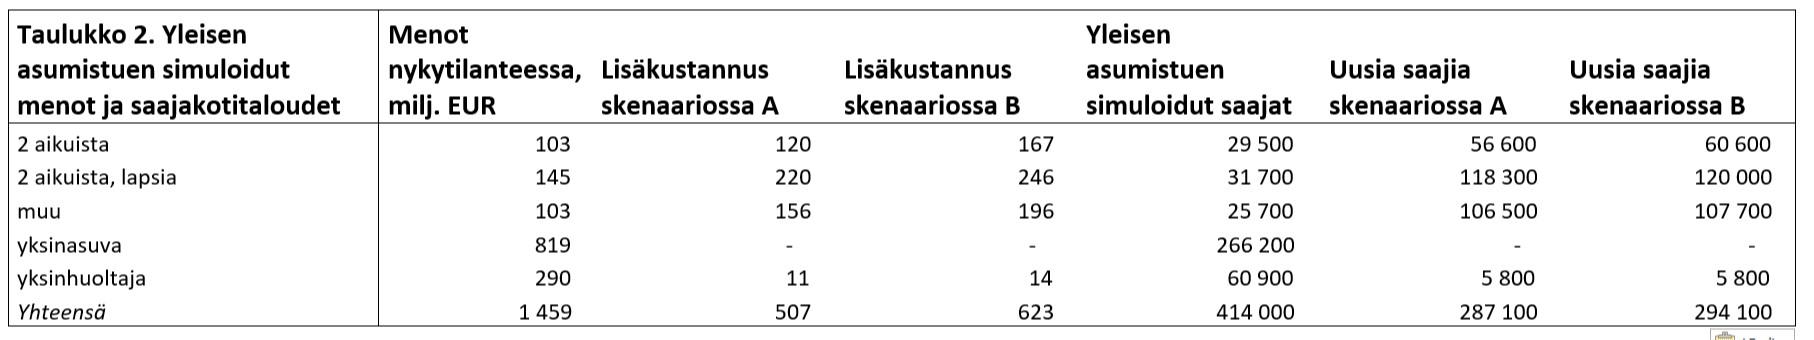 Taulukko. Kun tarkastellaan asumistuen euro- ja saajamääriä kotitaloustyypin mukaan (Taulukko 2), nähdään, että skenaarioiden vaikutukset keskittyvät kotitalouksiin, joissa on vähintään kaksi aikuista. Yksinasuvien asumistukeen tarkastelluilla skenaarioilla ei ole vaikutusta. Asumistuen saajien määrä kasvaa hieman myös yksinhuoltajatalouksissa. Osalla yksinhuoltajia on alle 18-vuotiaiden lasten lisäksi jo 18 vuotta täyttäneitä, vielä kotona asuvia lapsia, jotka voivat olla skenaarioissa oikeutettuja omaan asumistukeen.